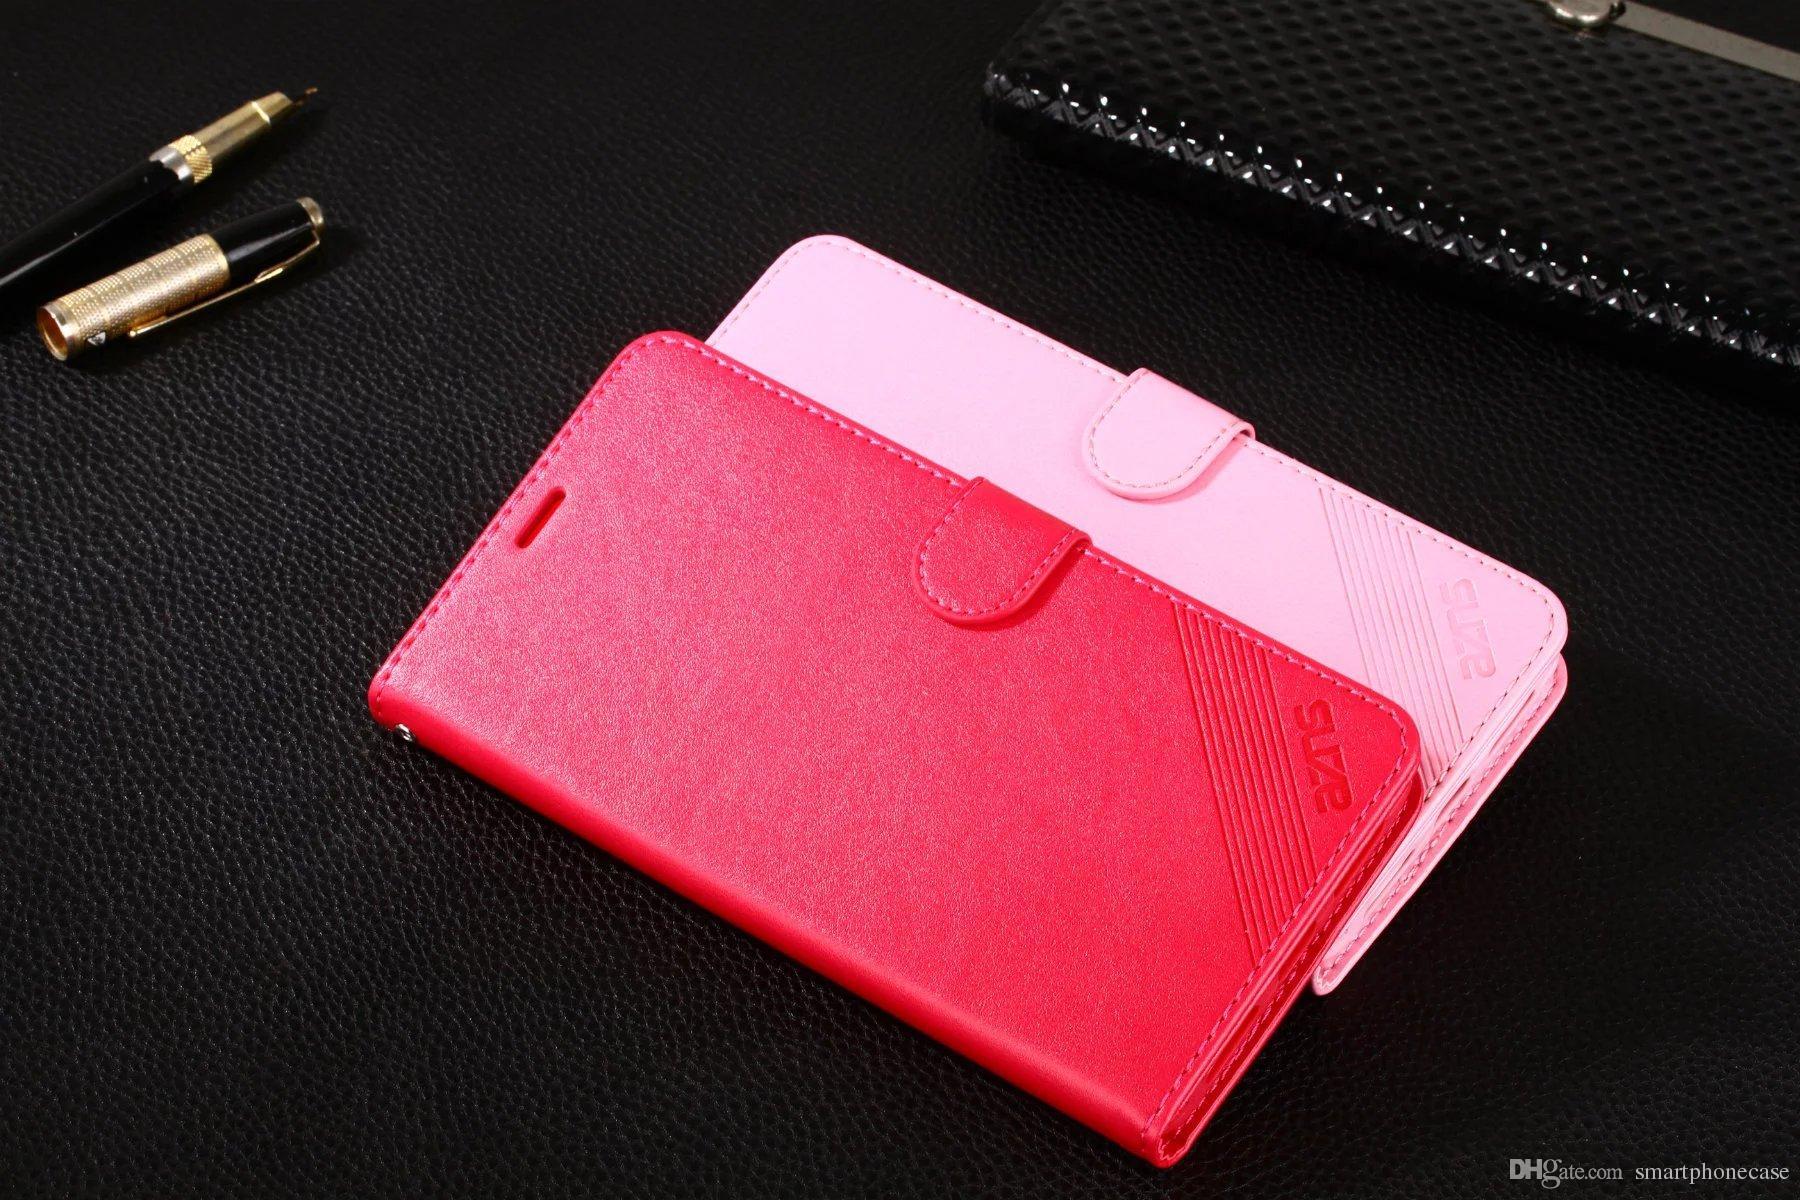 letv le max case 럭셔리 플립 지갑에 대한 멋진 귀여운 슬림 커버 클립 가죽 케이스 letv le max x900 mx1